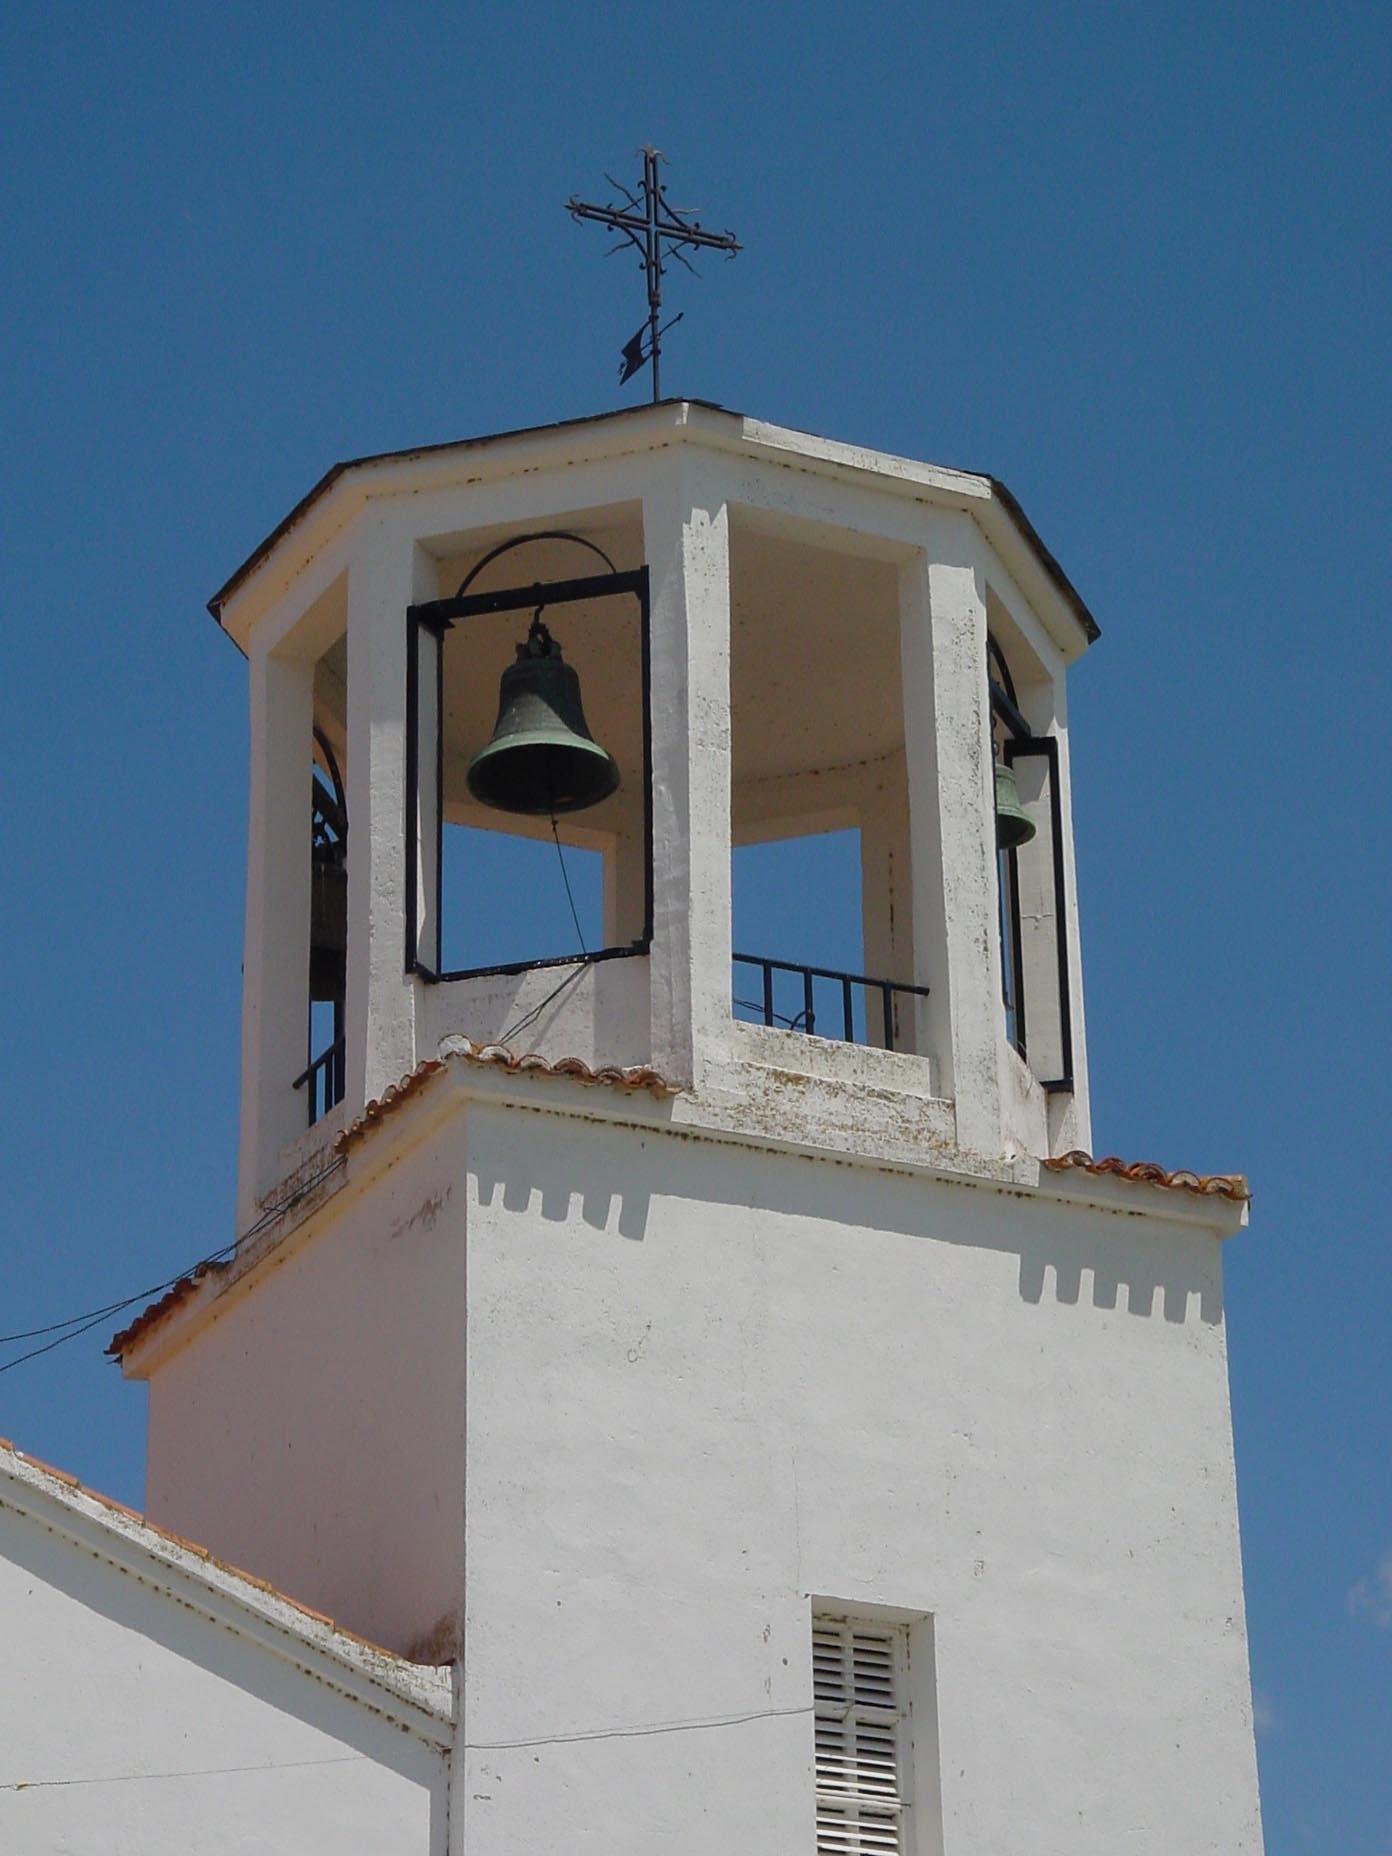 Campanario de iglesia en Villamanrique de Tajo